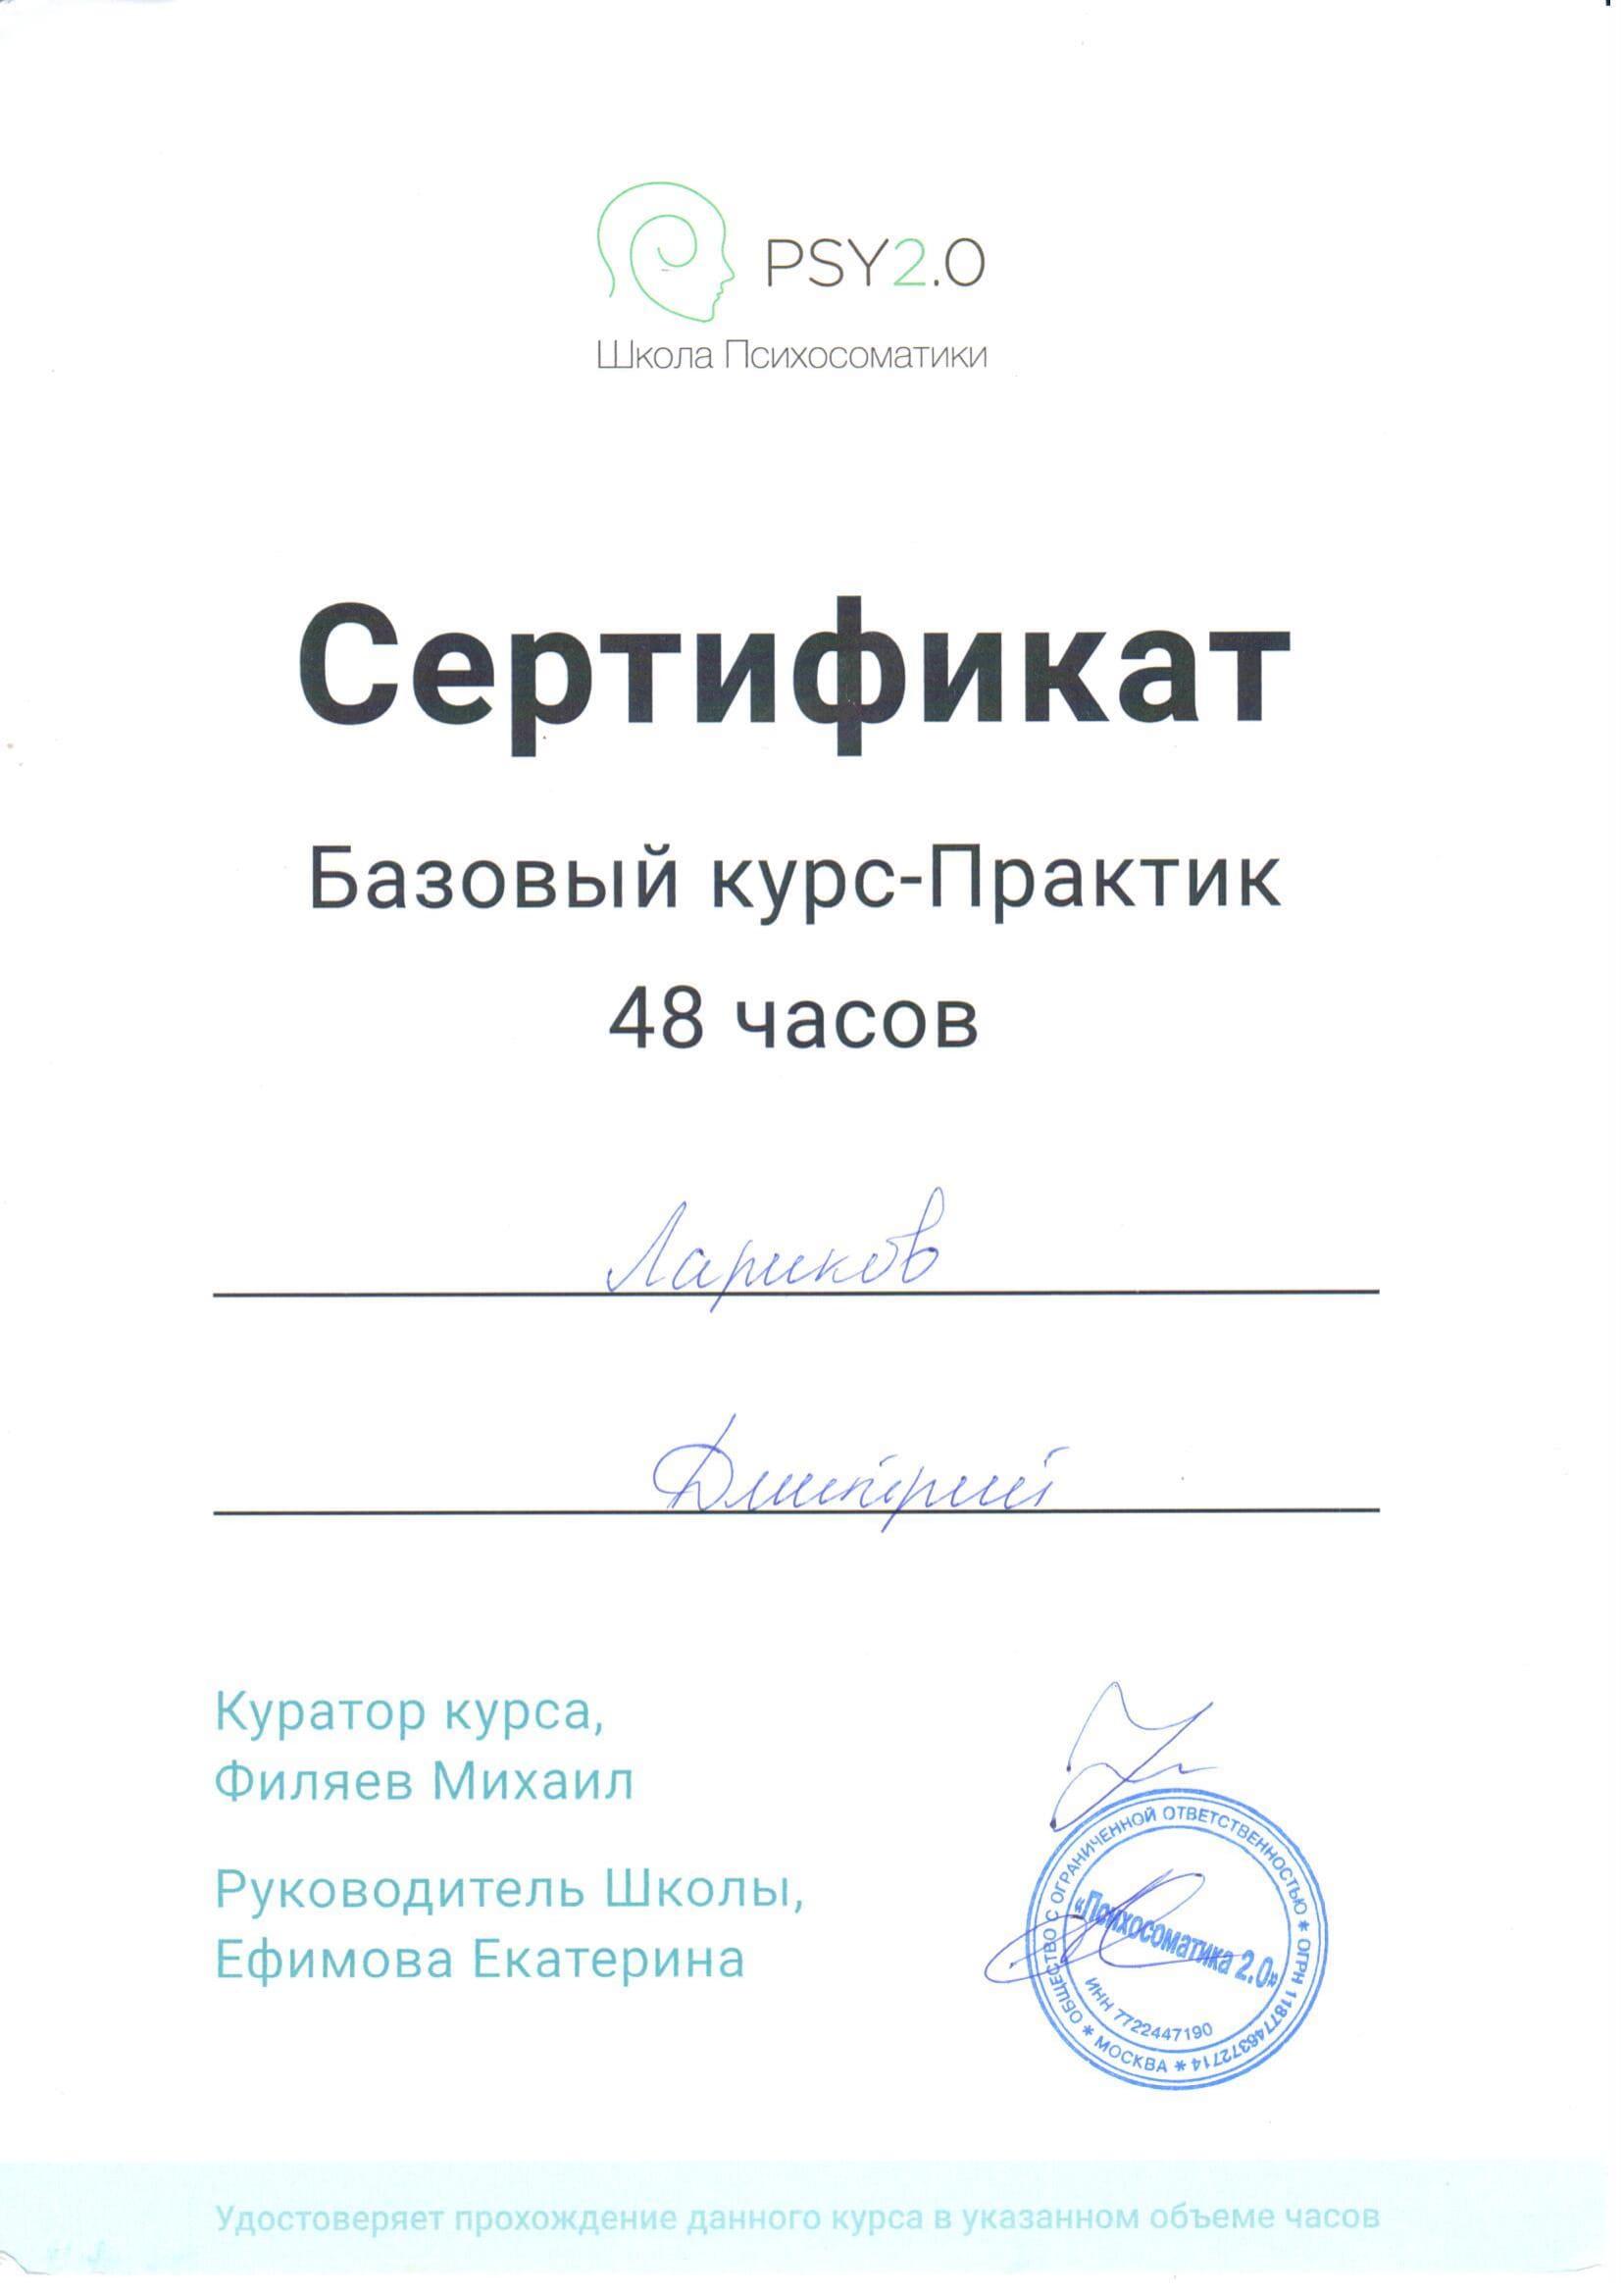 Сертификат Базовый Лариков PSY20-1